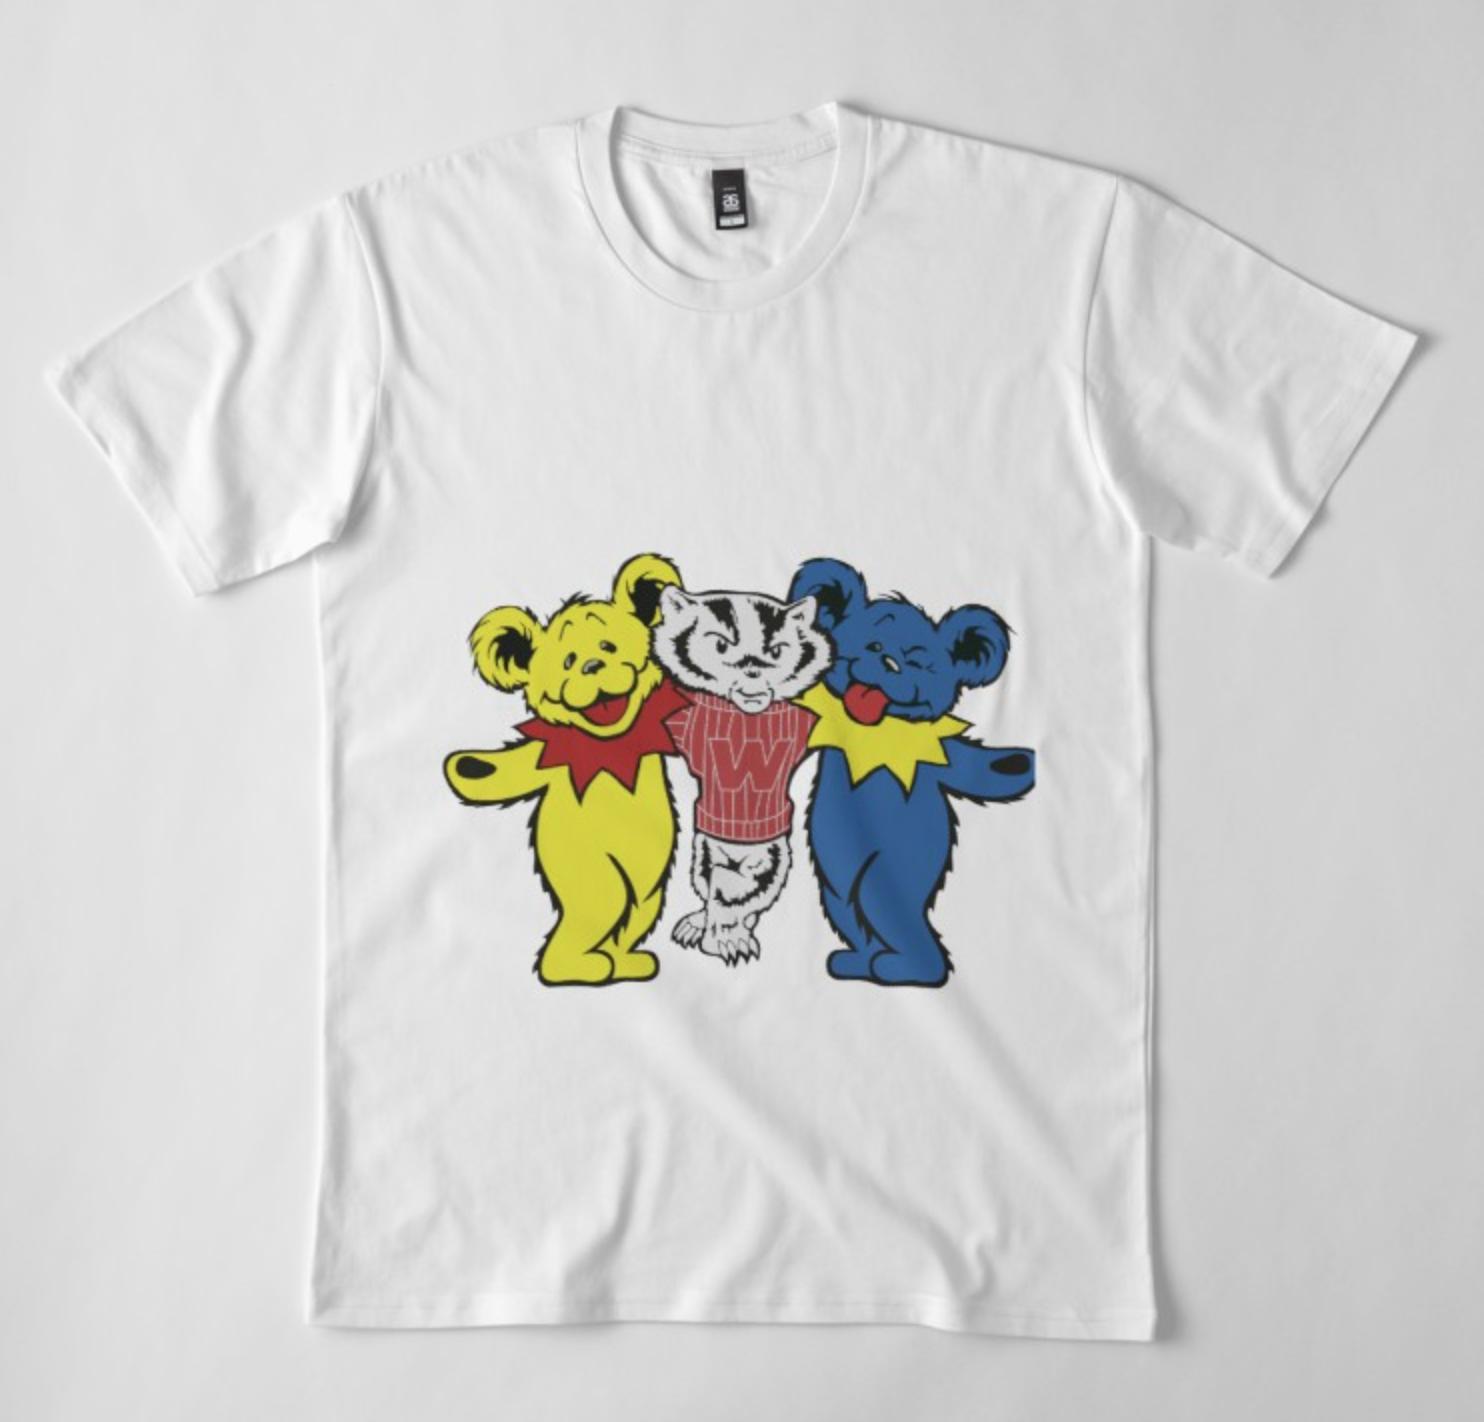 Grateful Dead Crop Top Shirt Dancing Bears Long Sleeve T Shirt